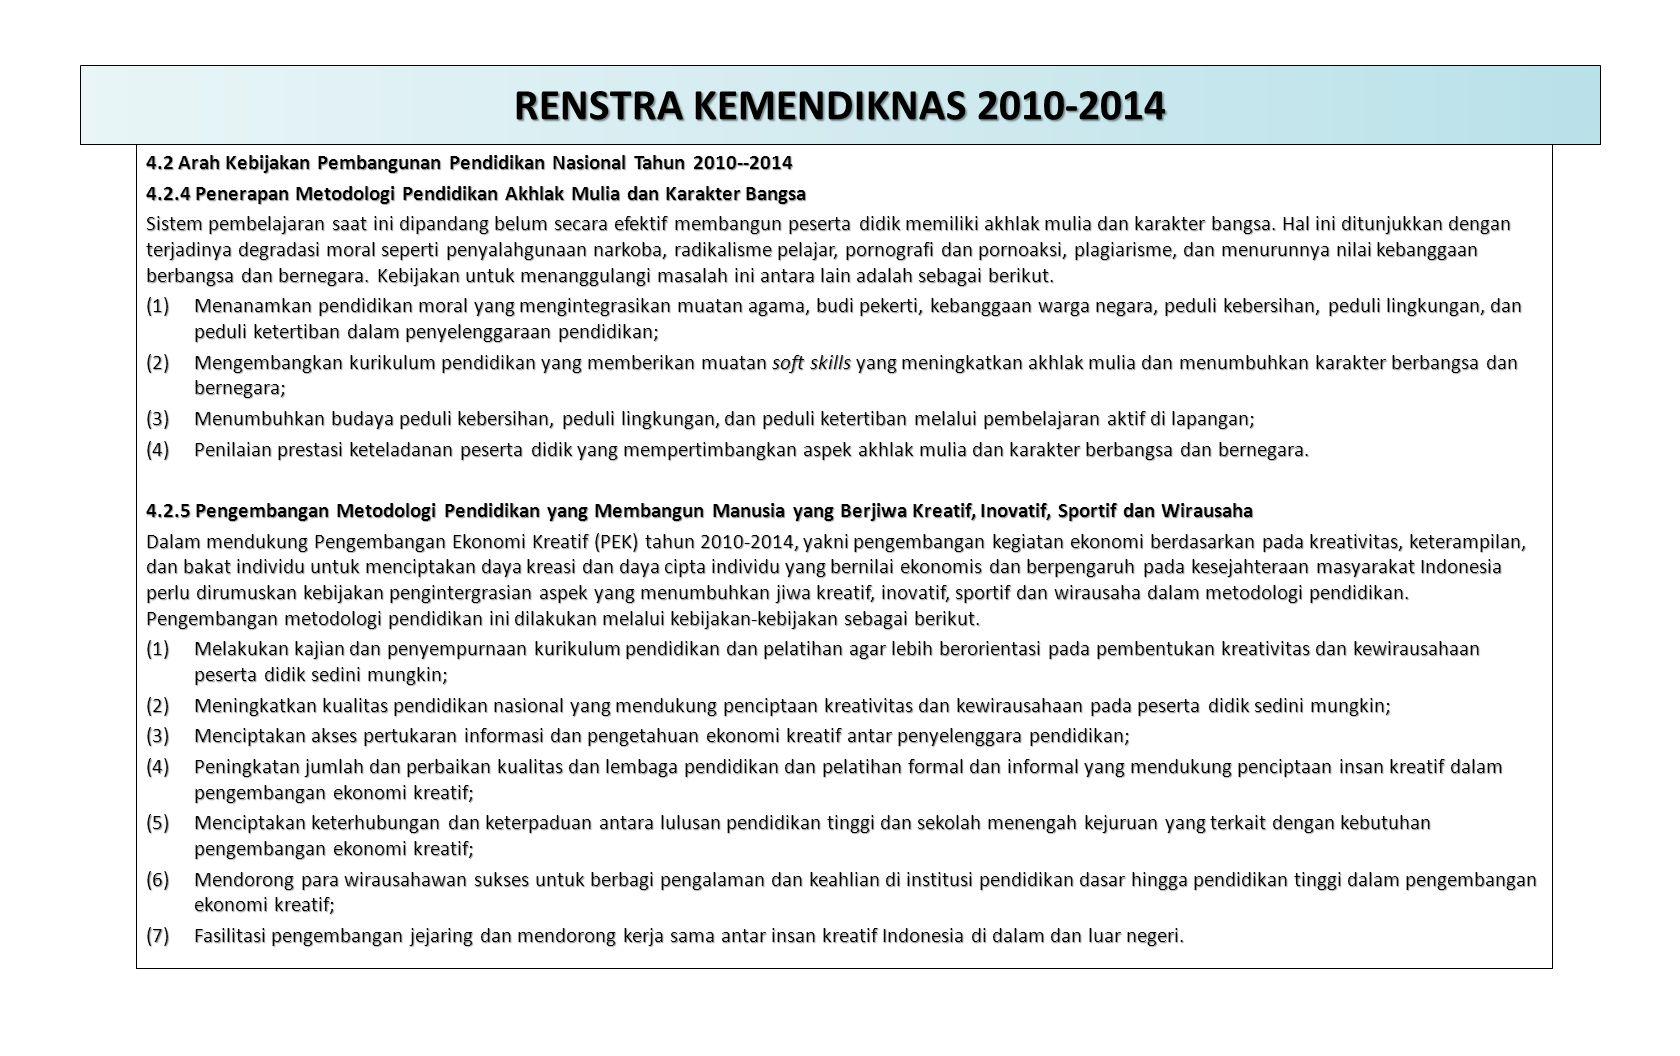 RENSTRA KEMENDIKNAS 2010-2014 4.2 Arah Kebijakan Pembangunan Pendidikan Nasional Tahun 2010--2014.